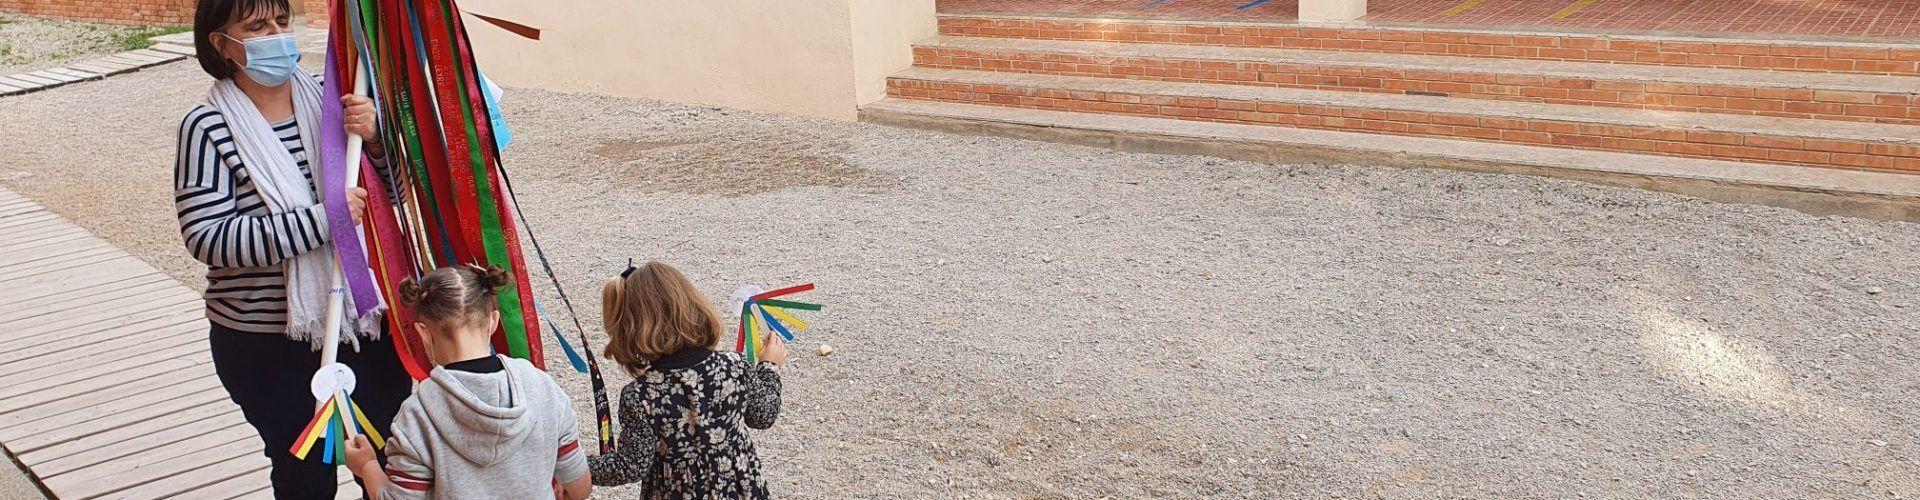 Celebració escolar de Santa Catalina i S.Nicolau a Vinaròs, tot i la covid